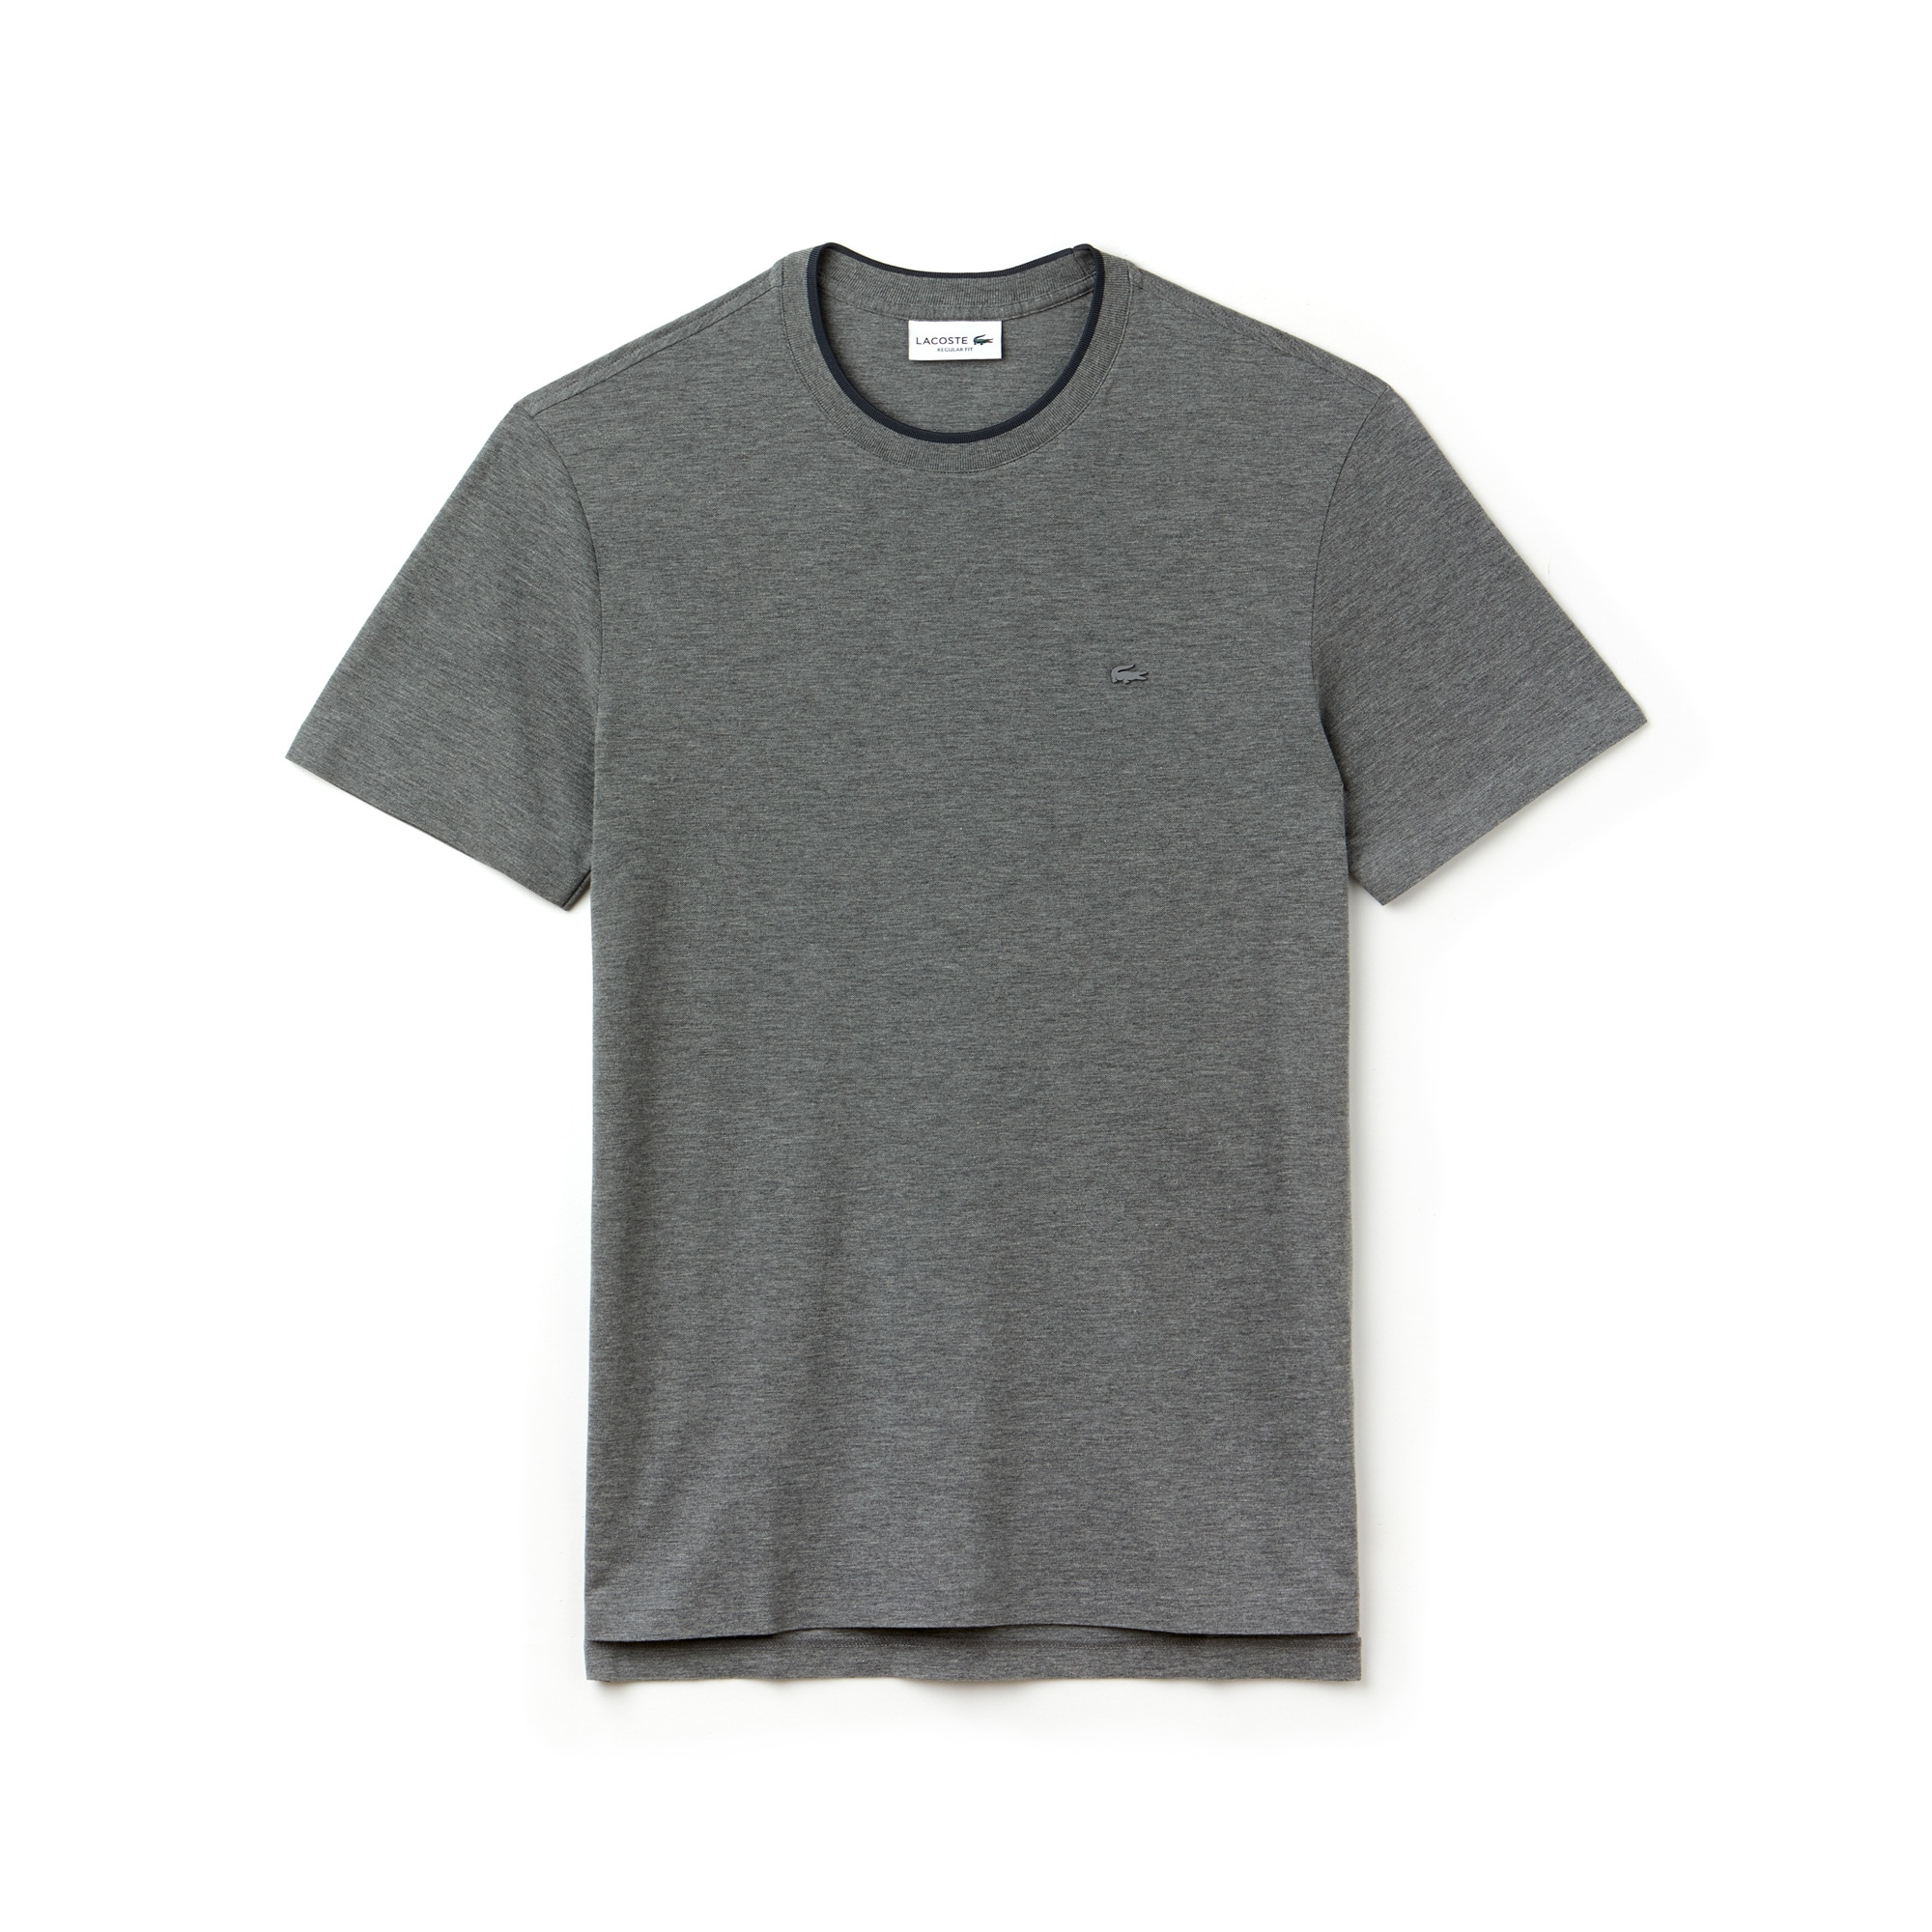 Men's Crew Neck MOTION Pima Cotton Piqué T-shirt